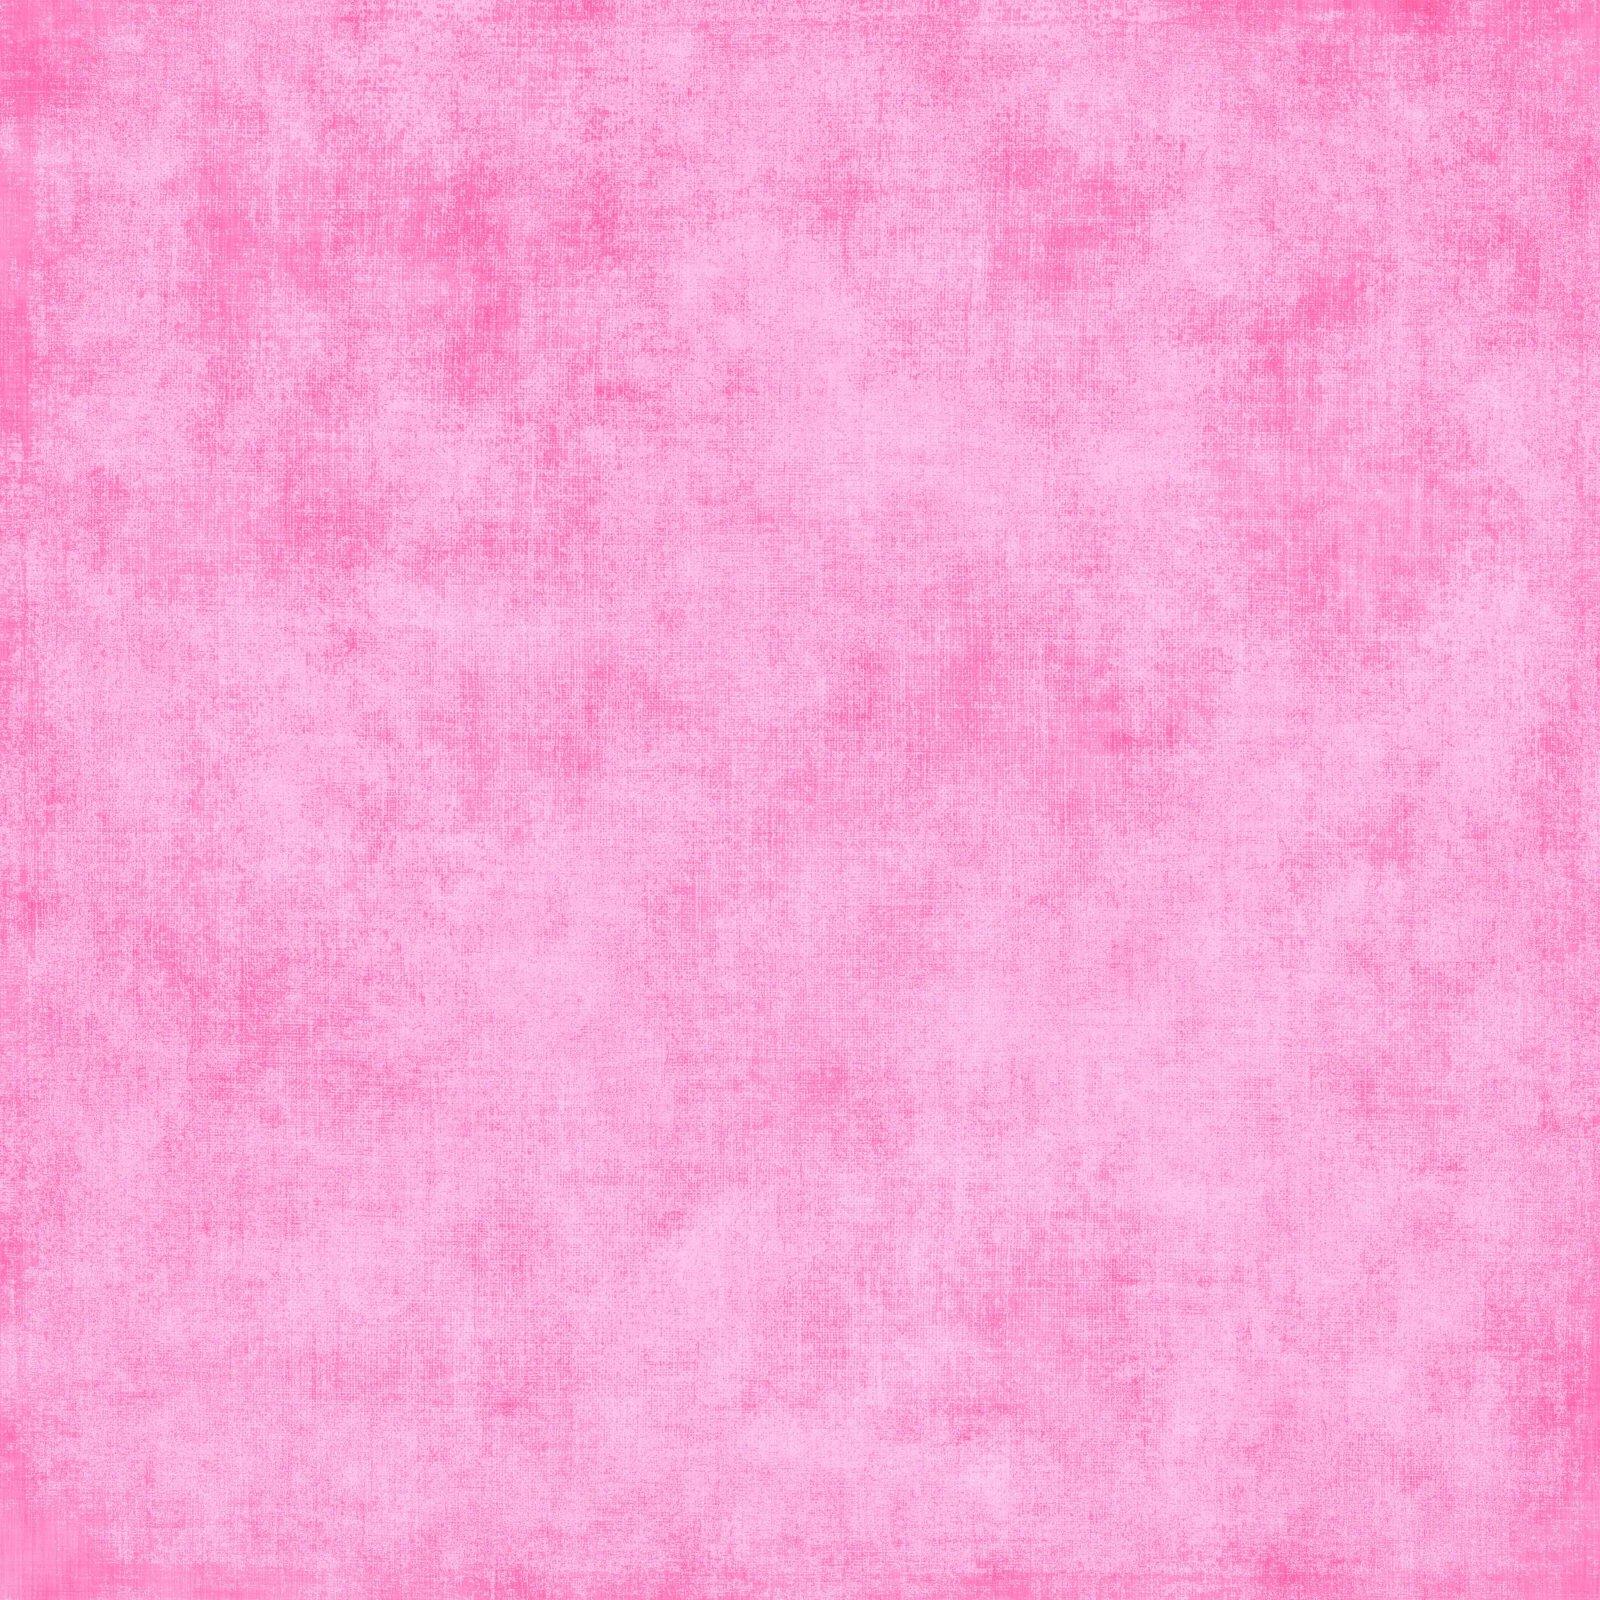 Riley Blake Shades Hot Pink C200